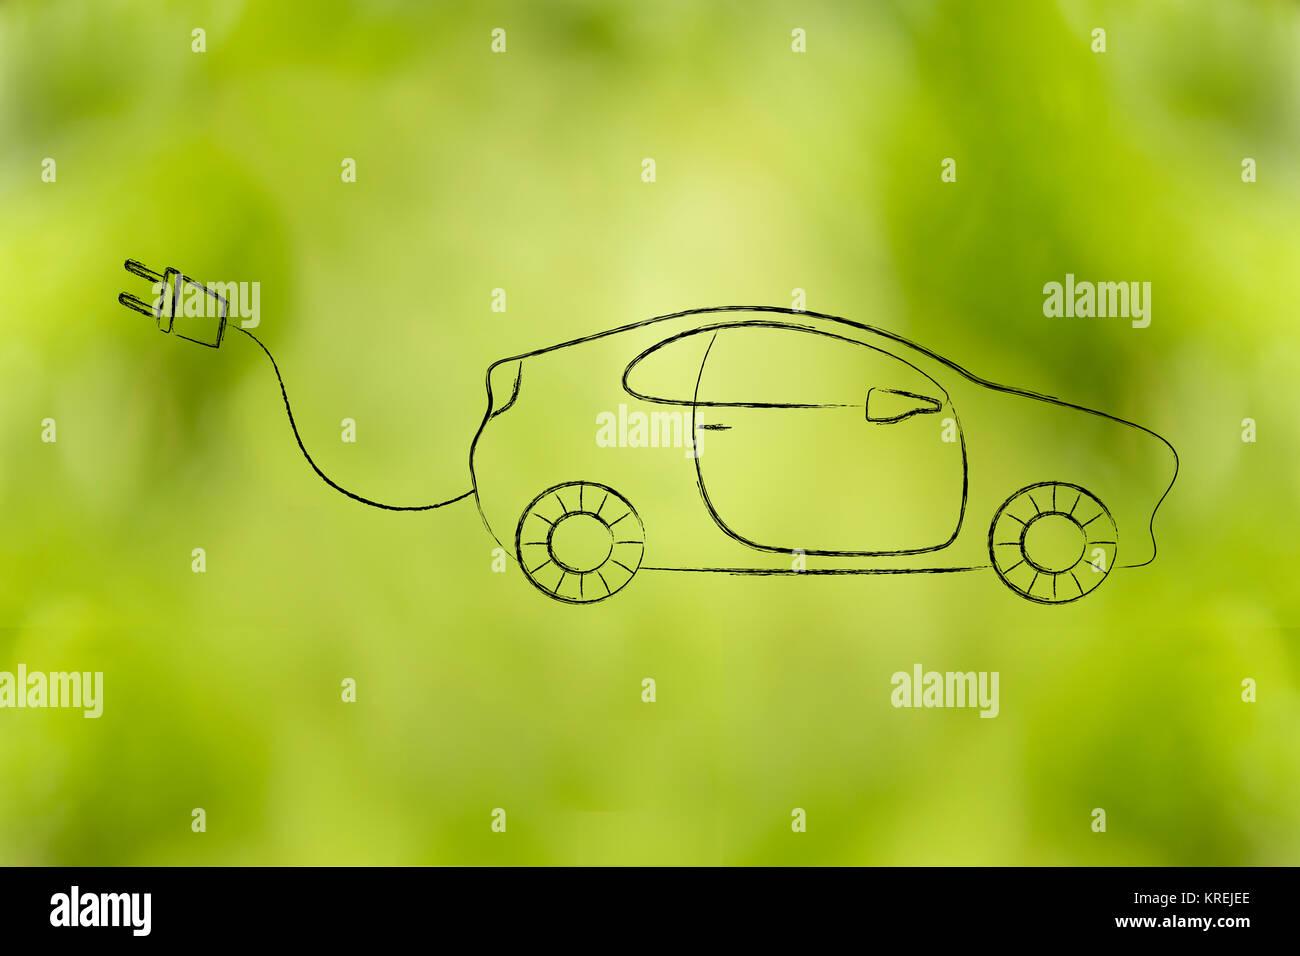 Veicoli elettrici e ibridi: veicolo con grande tappo divertenti Immagini Stock